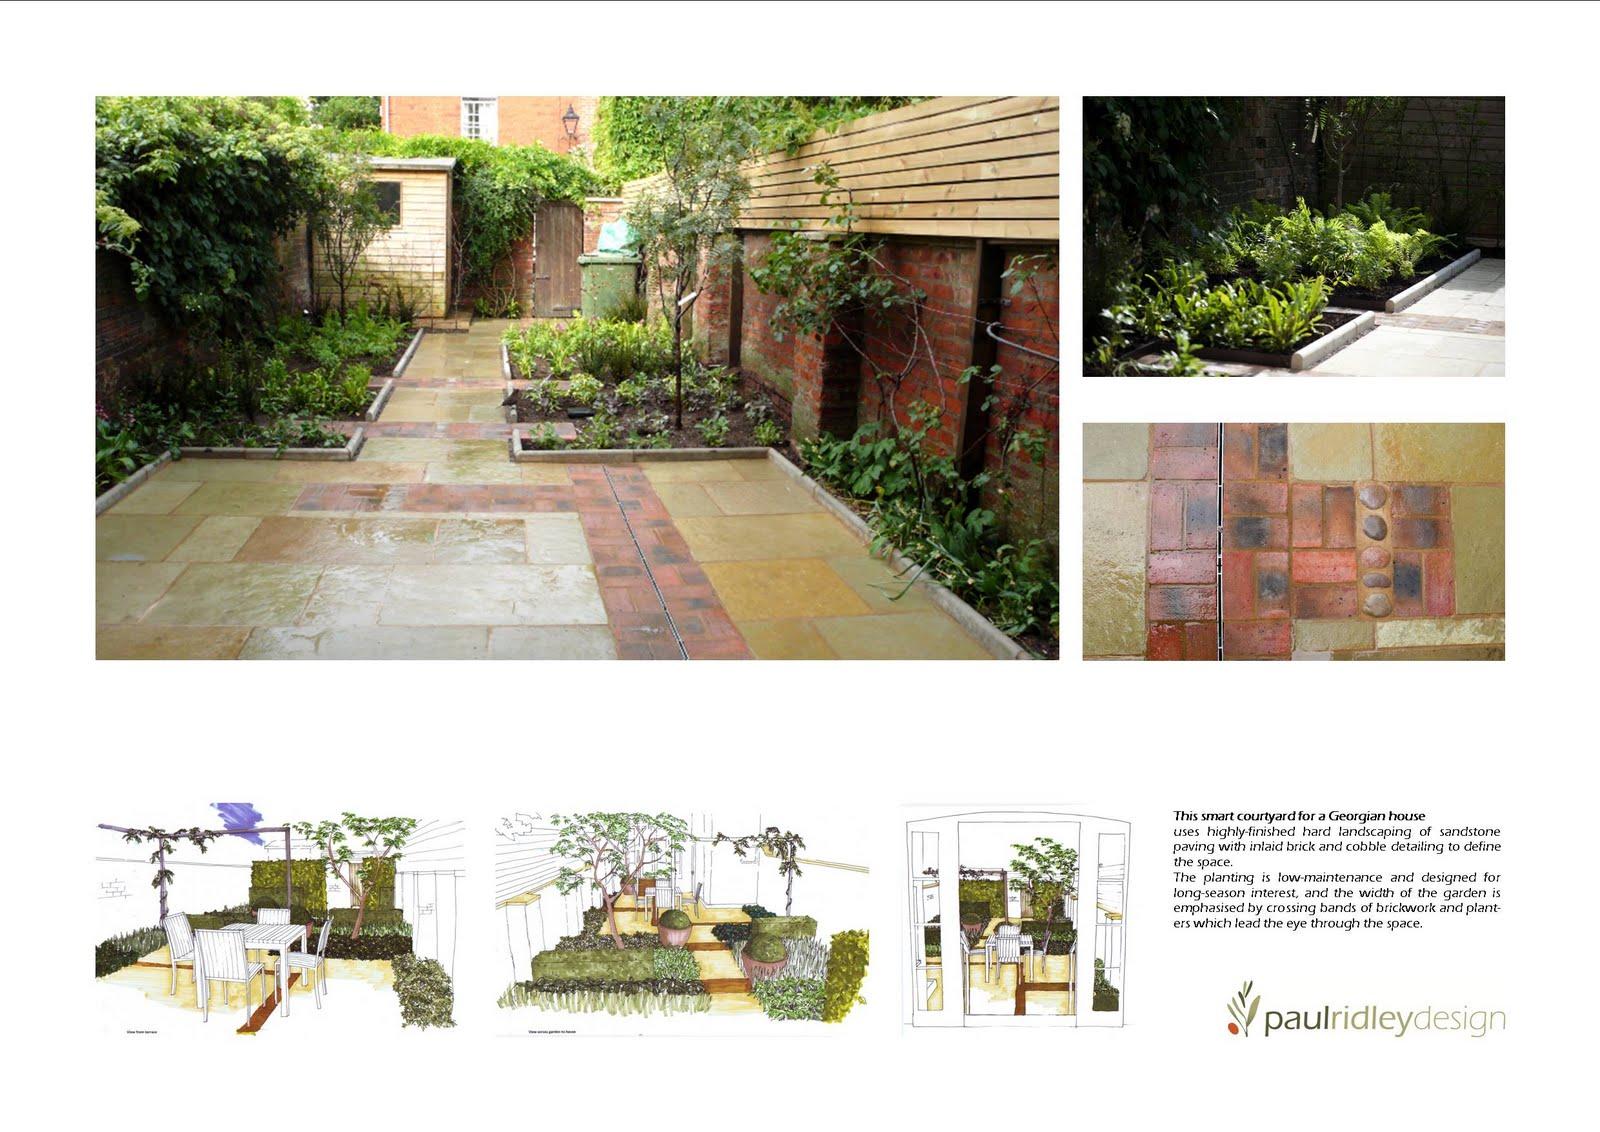 Paul ridley design june 2011 for Georgian townhouse garden design